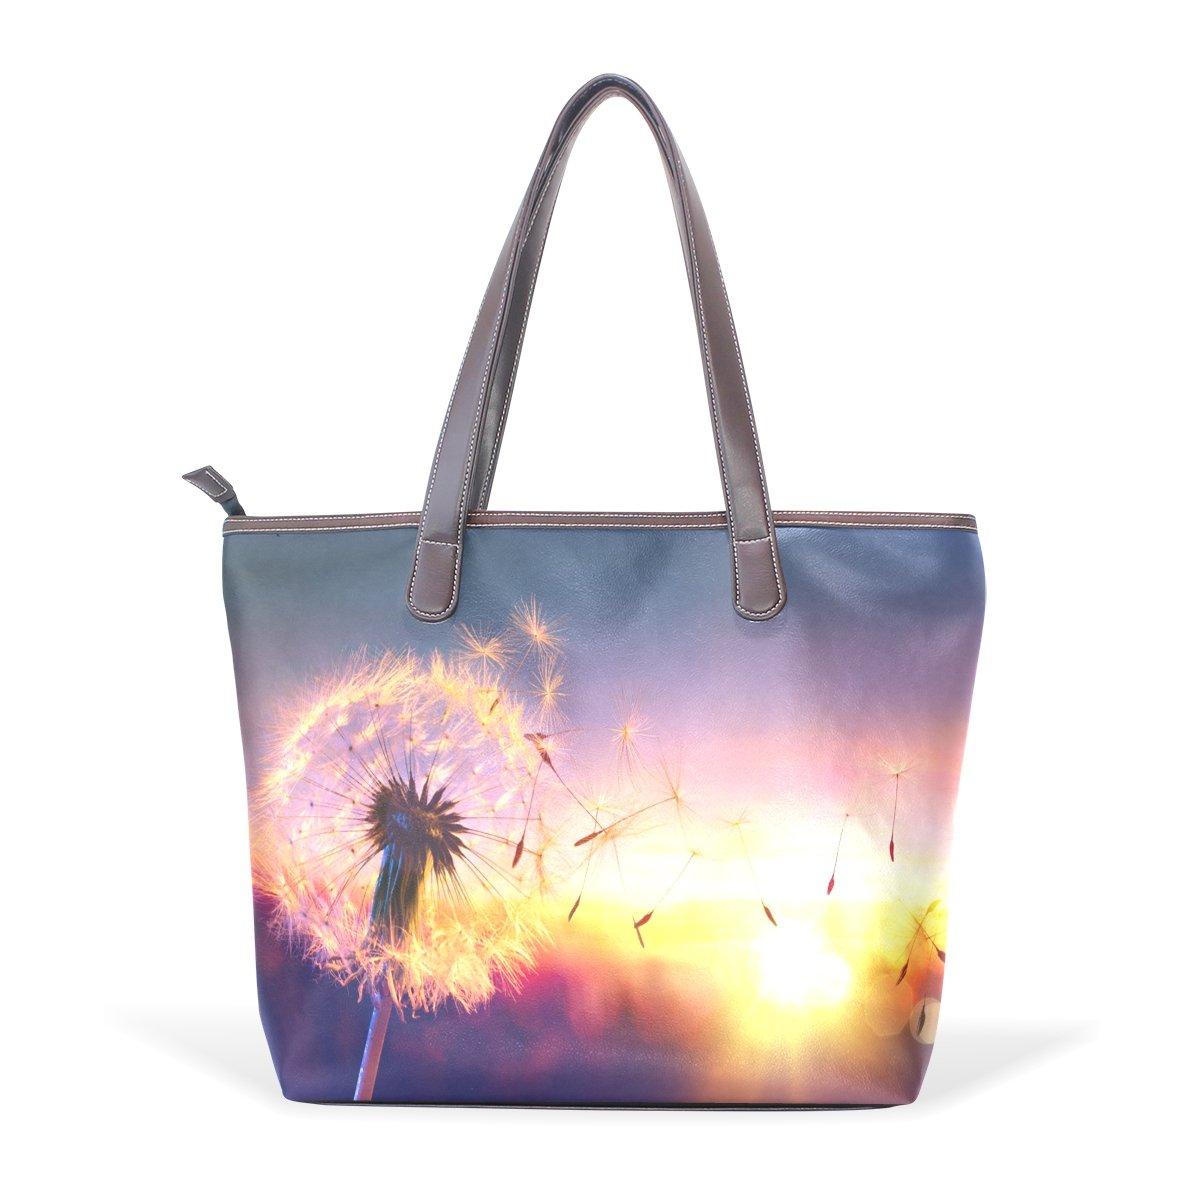 Ye Store Dandelion With Sunset Lady PU Leather Handbag Tote Bag Shoulder Bag Shopping Bag